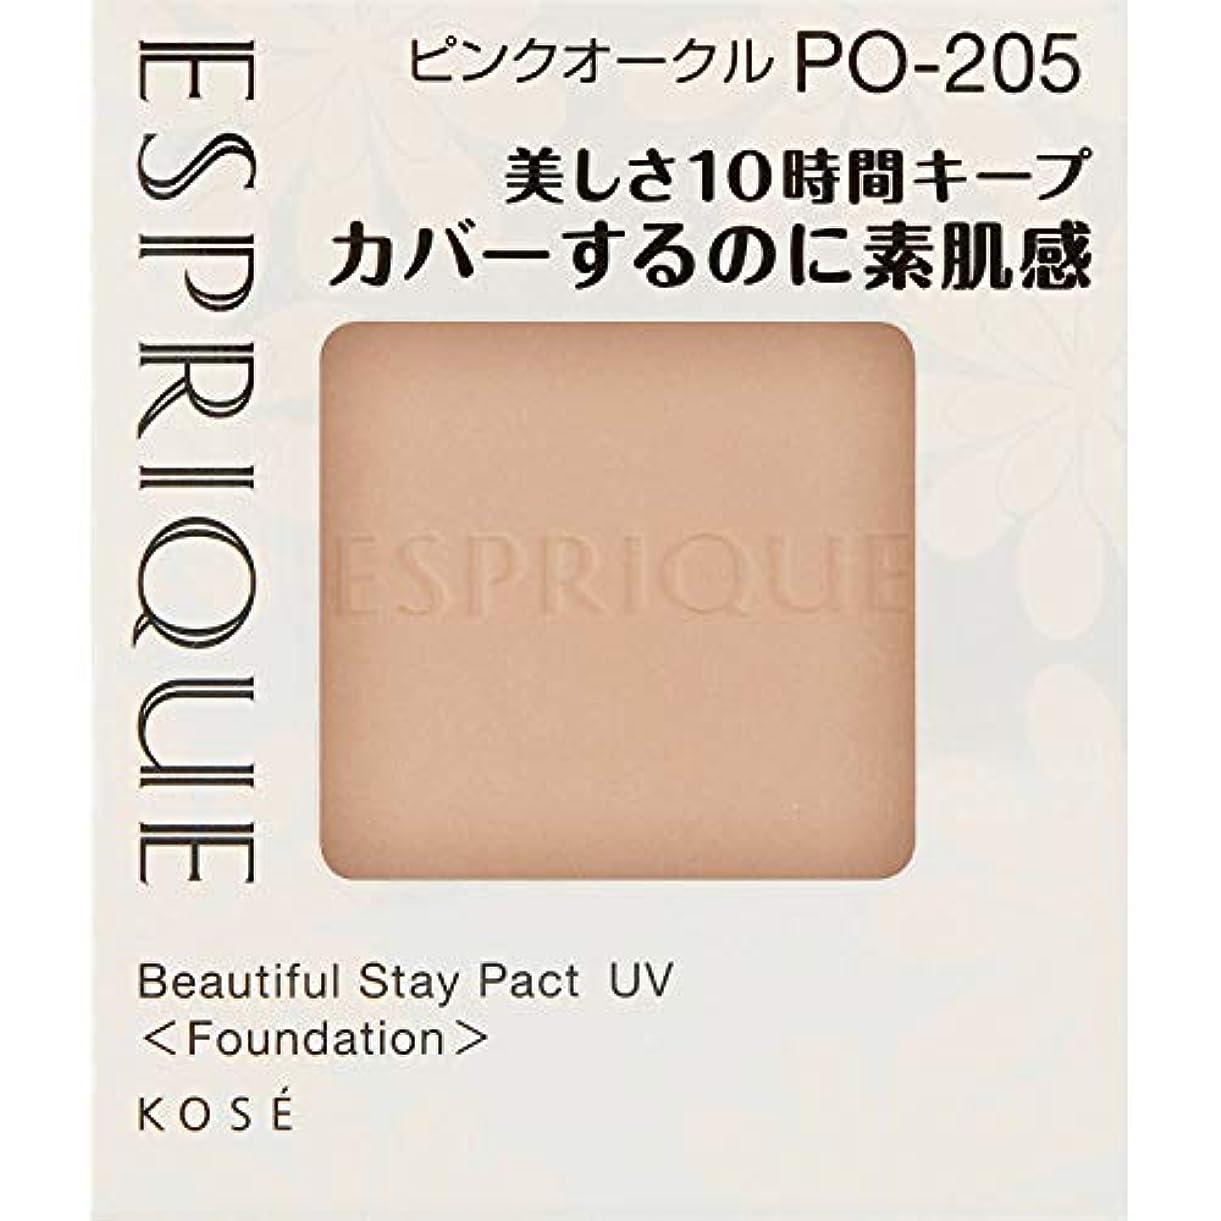 博物館当社動的エスプリーク カバーするのに素肌感持続 パクト UV PO-205 ピンクオークル 9.3g